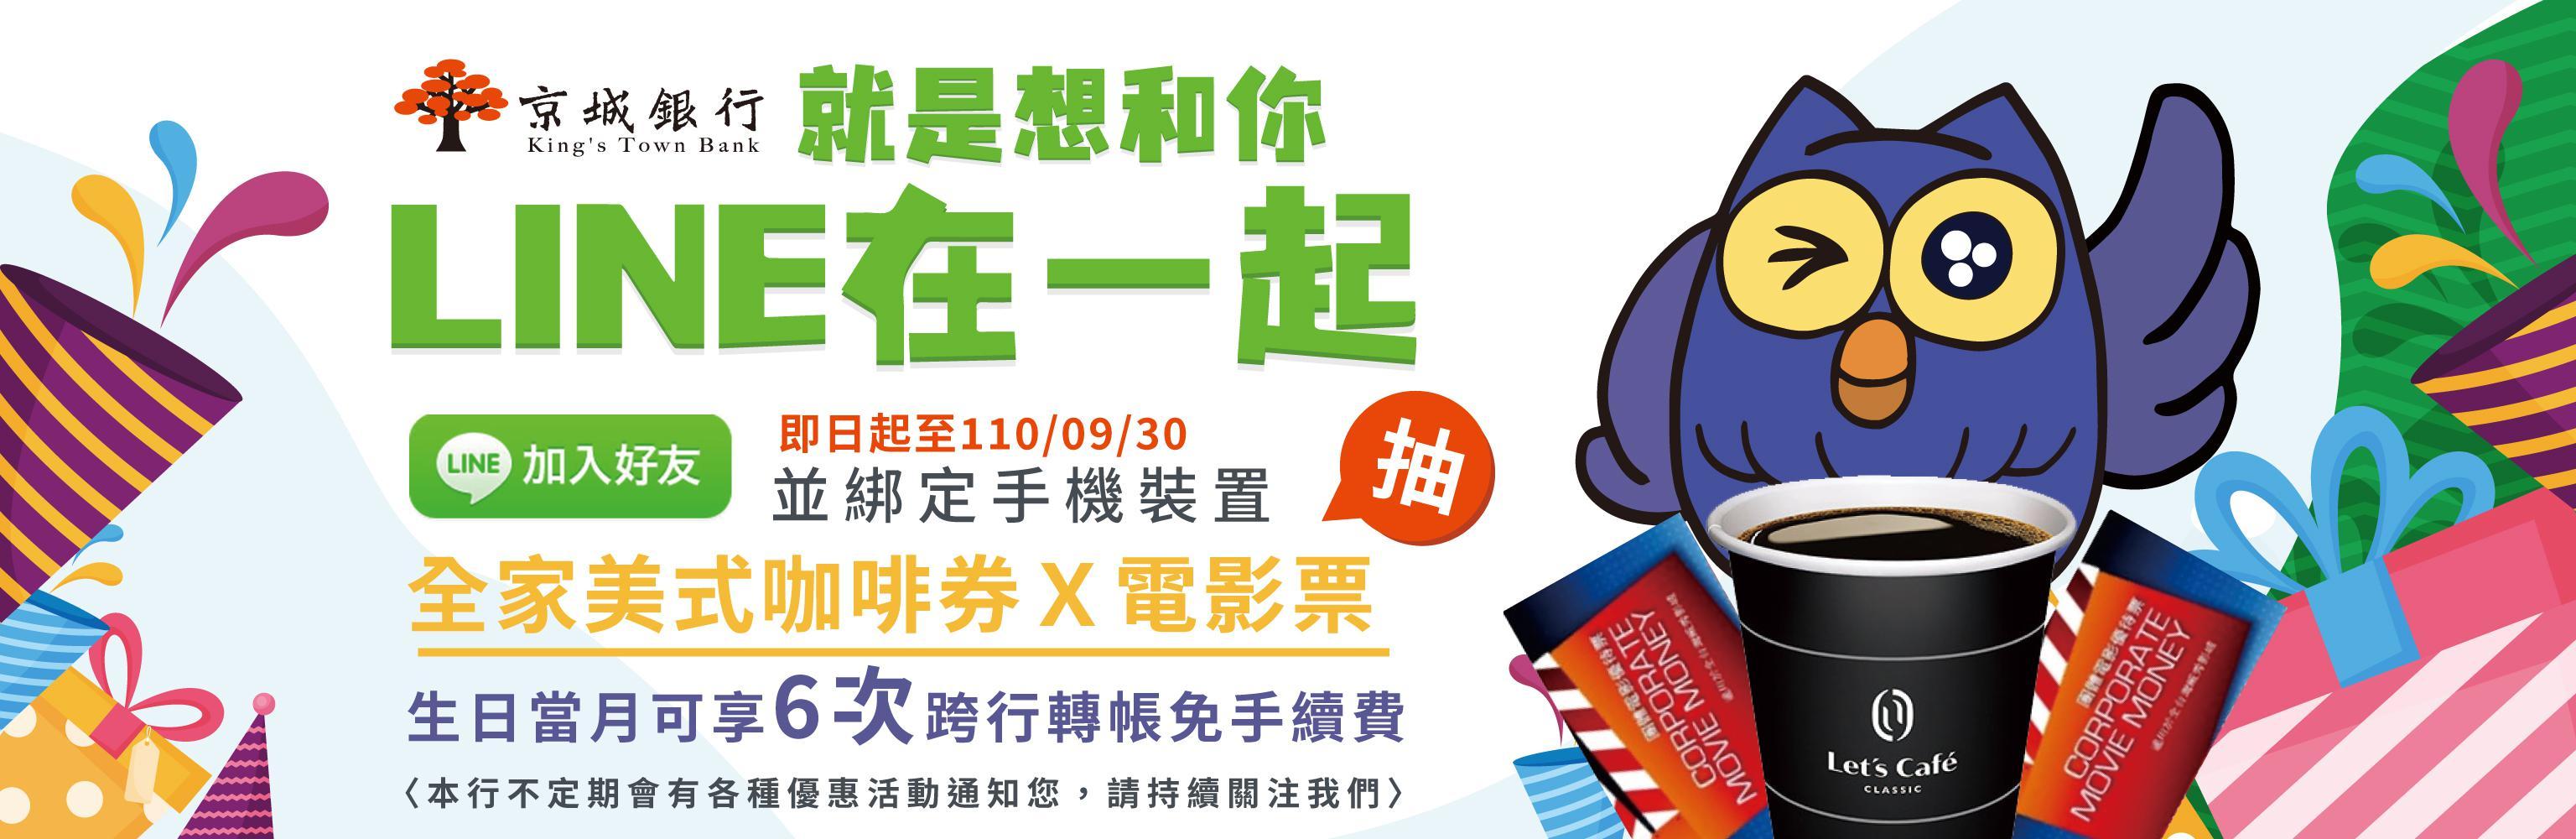 [情報] 綁定京城LINE好友 生日當月送6次跨轉免費